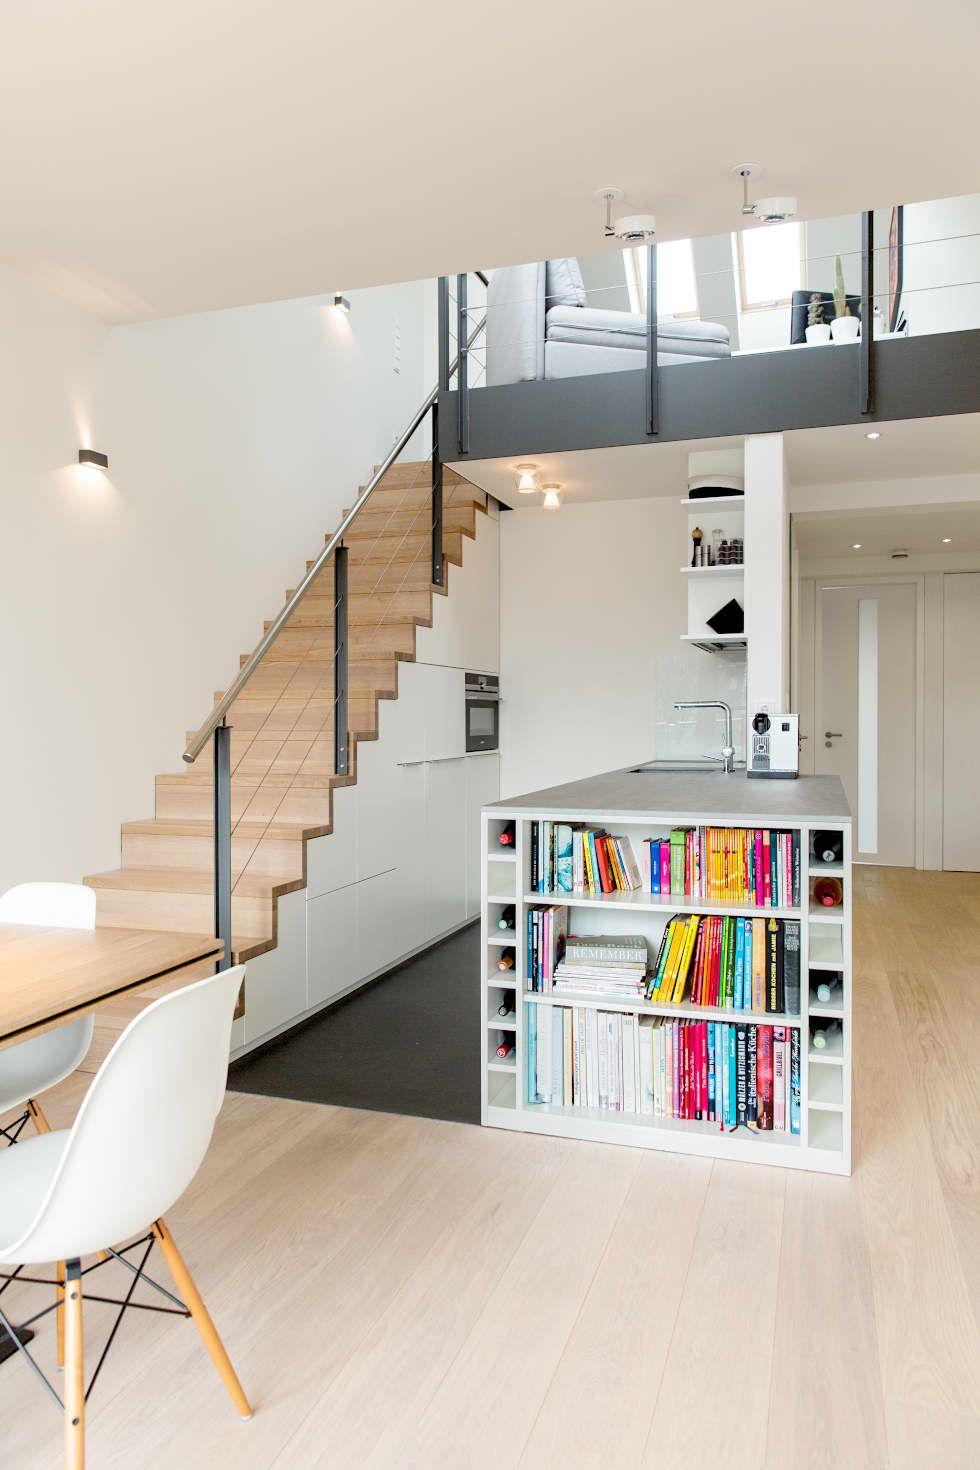 Wohnideen Privat wohnideen interior design einrichtungsideen bilder